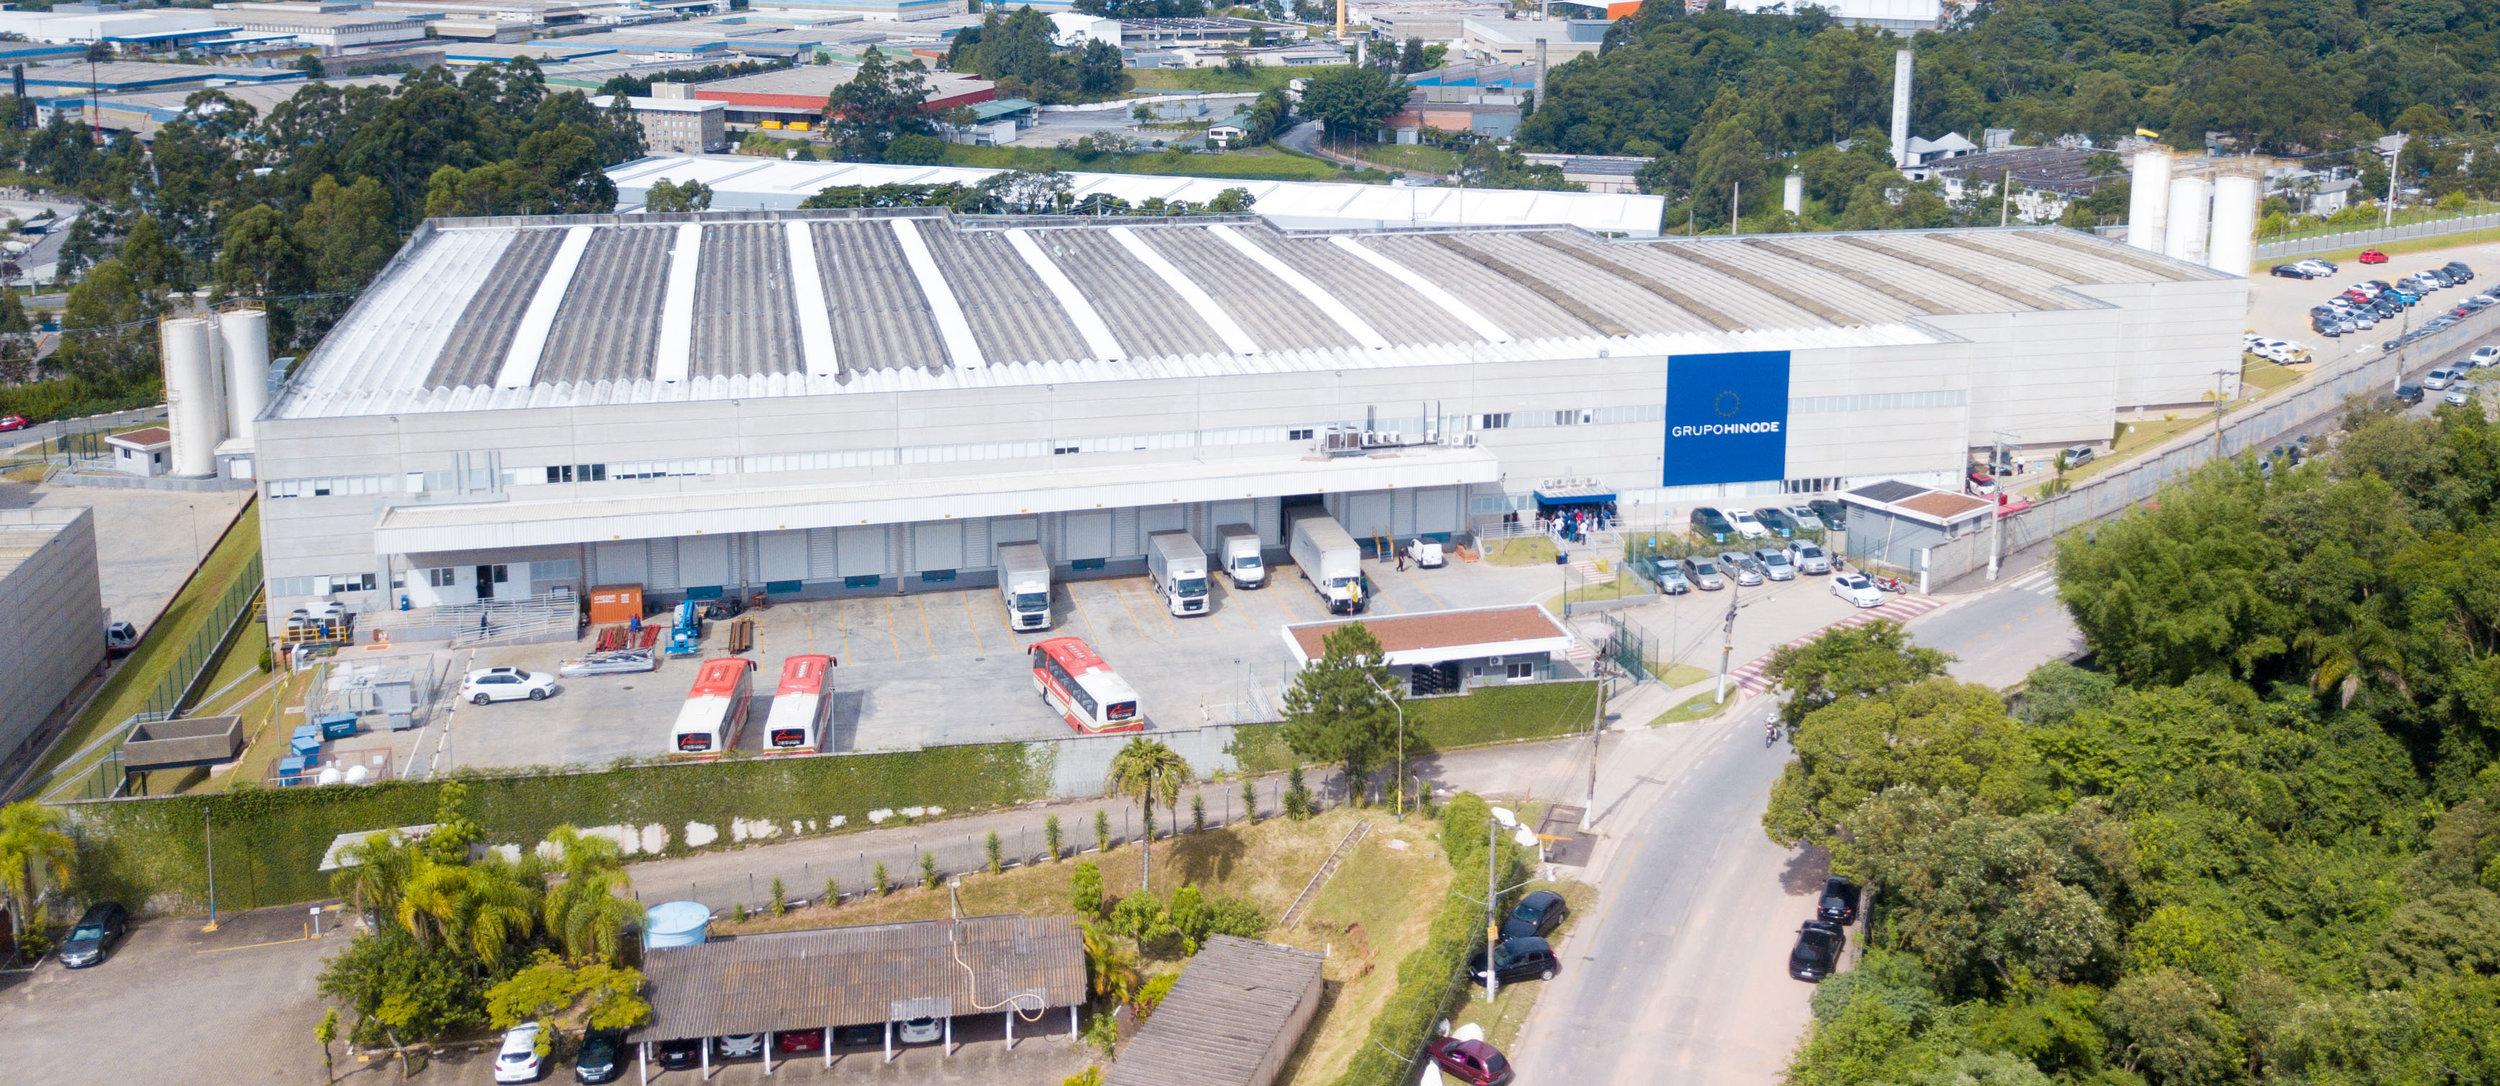 Fabrica en Brasil de 12 mil metros cuadrados que abastece a Latino América.